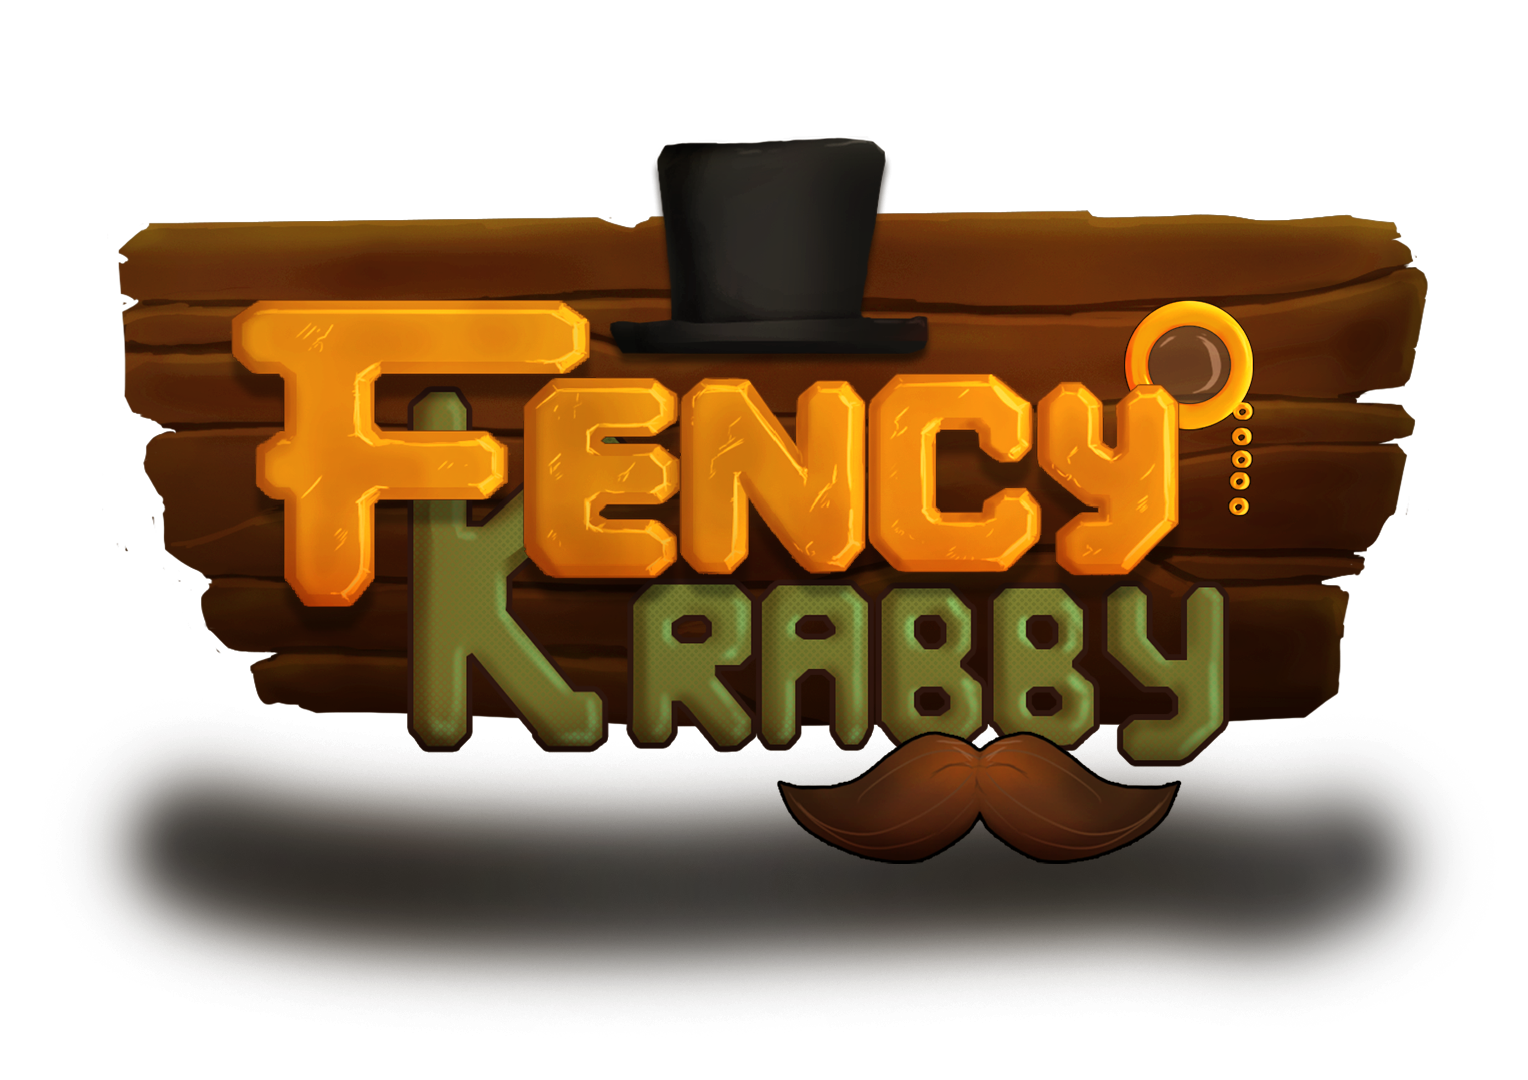 Fency Krabby